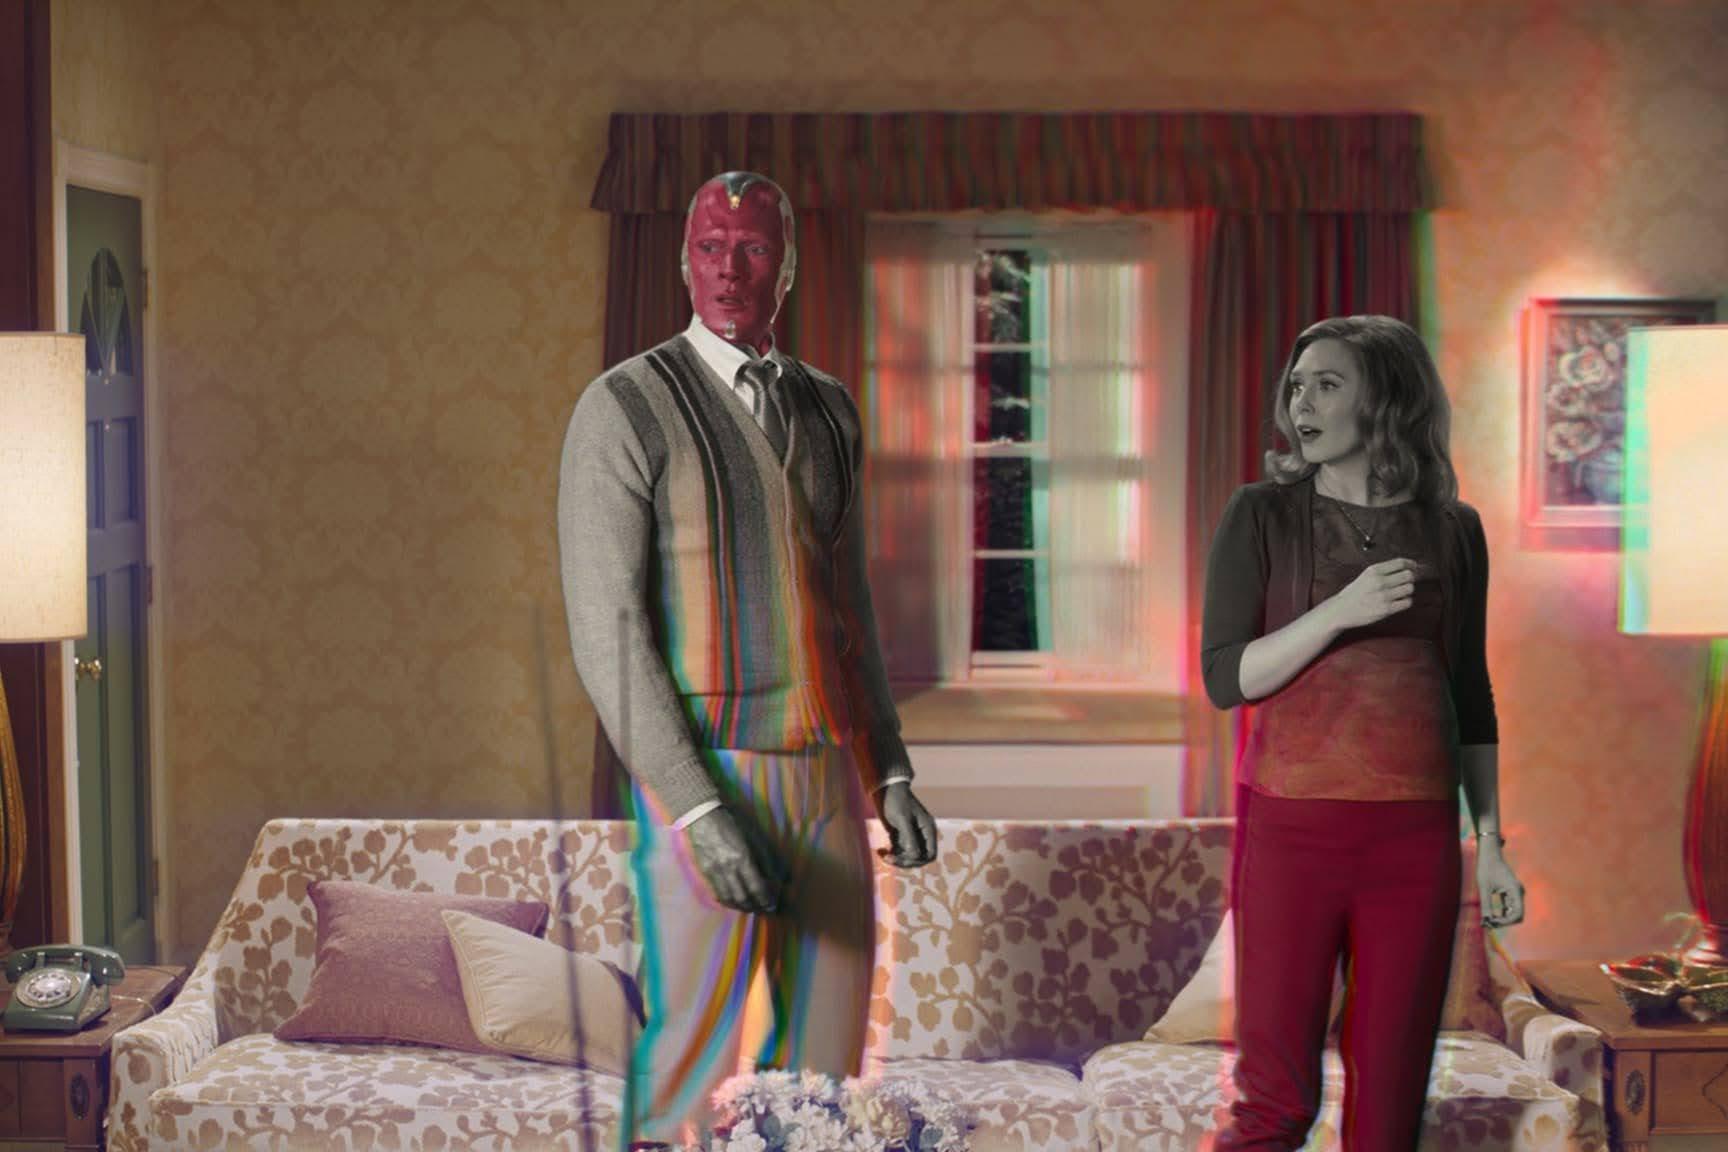 WandaVision : MCU 史上最も複雑なパズルの傑作ドラマ「ワンダヴィジョン」が、シリーズ後半に突入の第6話の配信に先がけて、新しいプロモ・ビデオをリリース‼️(ネタバレはありません😊)